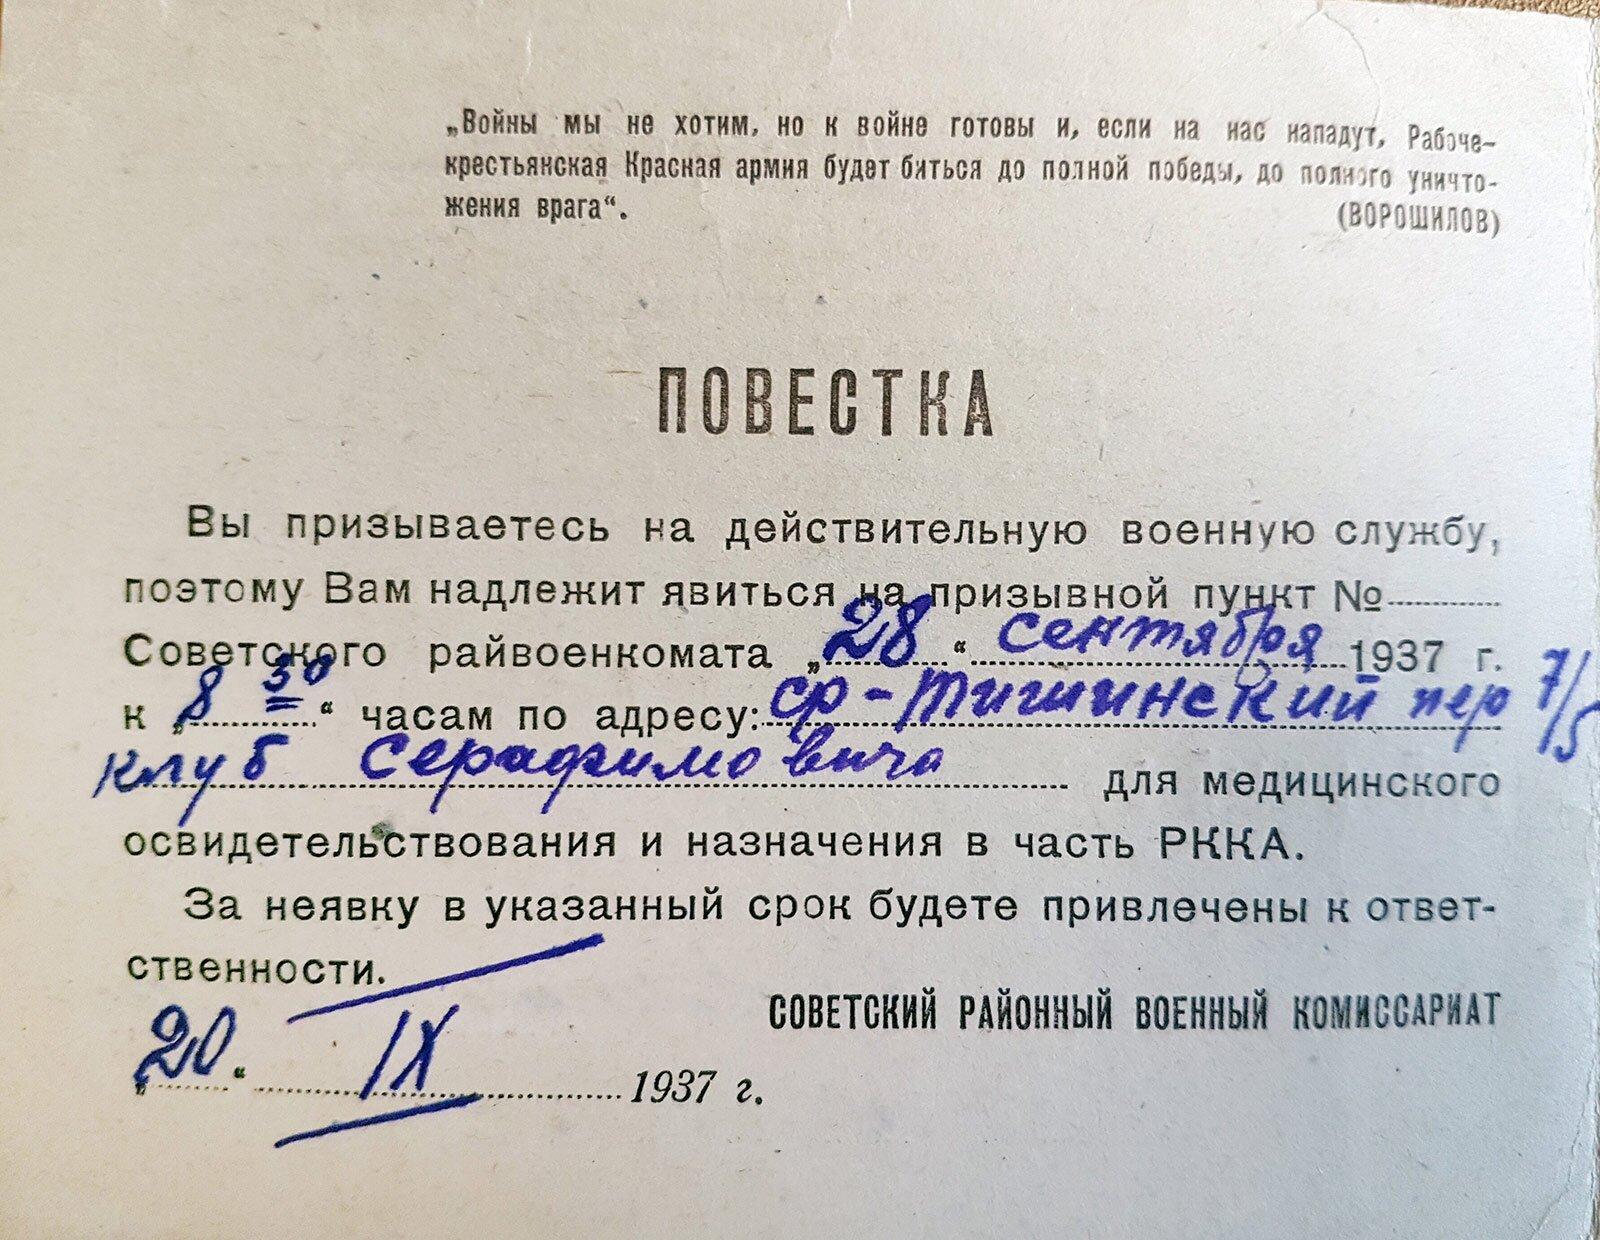 Повестка о призыве Евгения Долматовского на действительную военную службу. 20 сентября 1937 года. Главархив Москвы